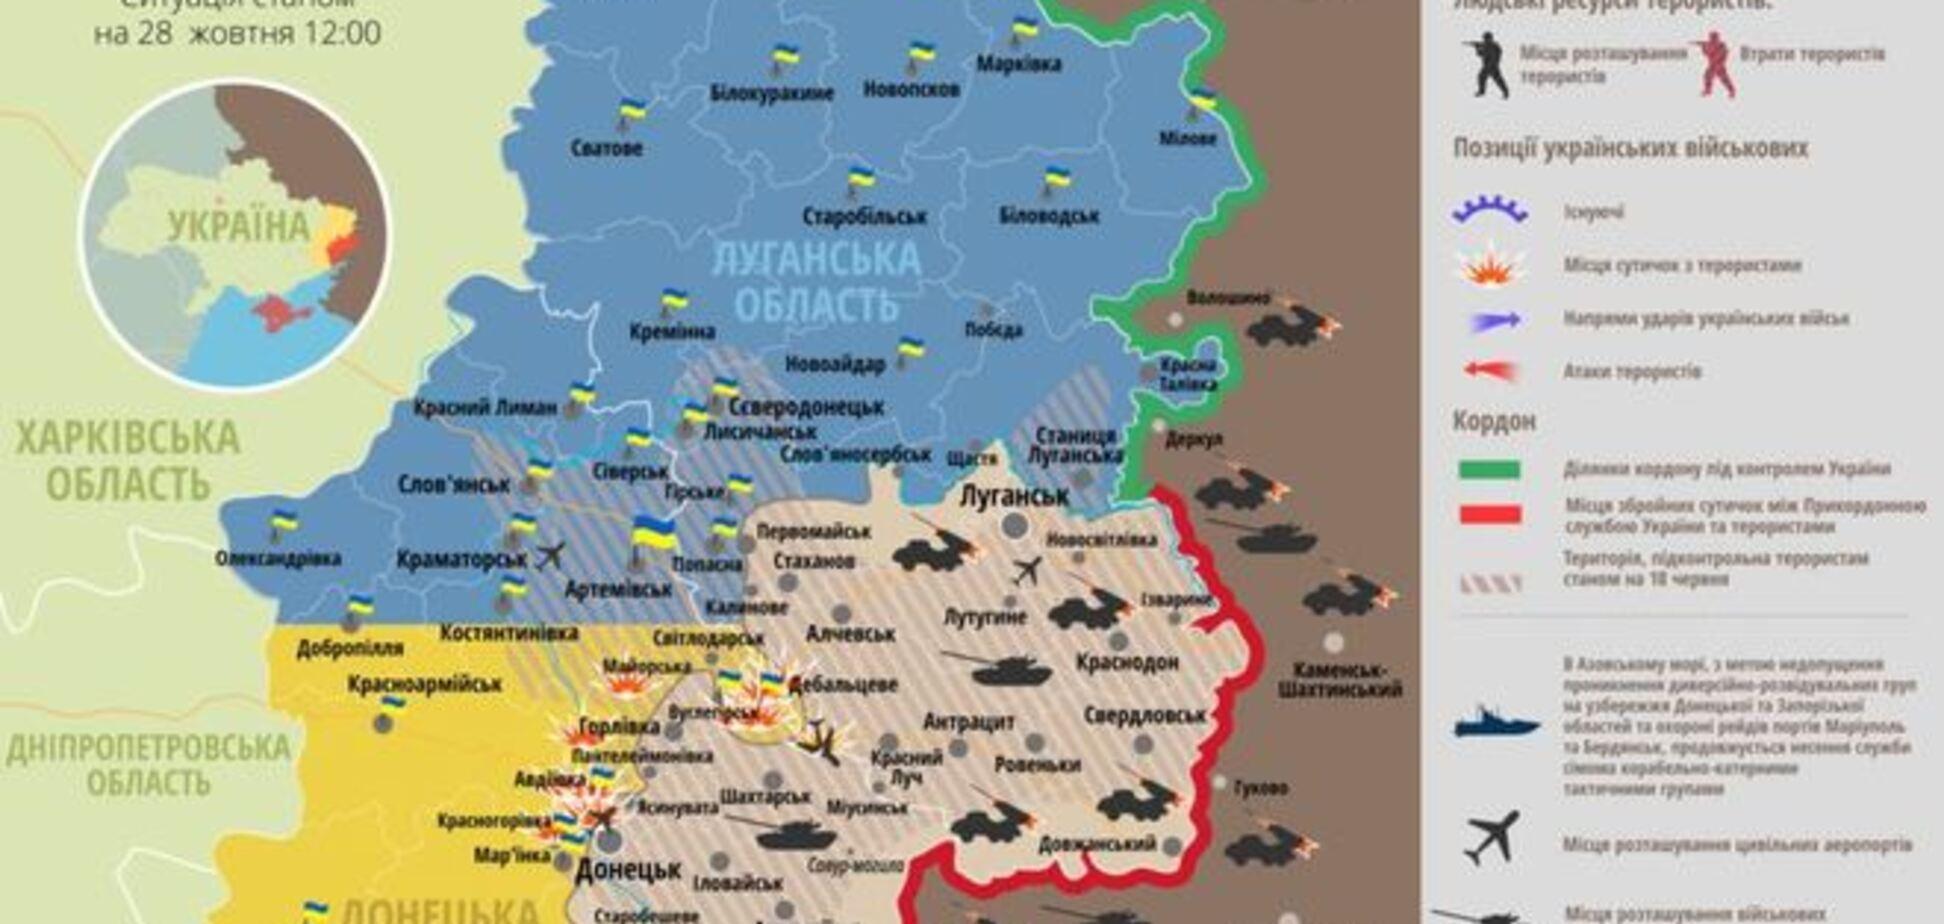 Террористы и войска РФ активизировались: карта АТО